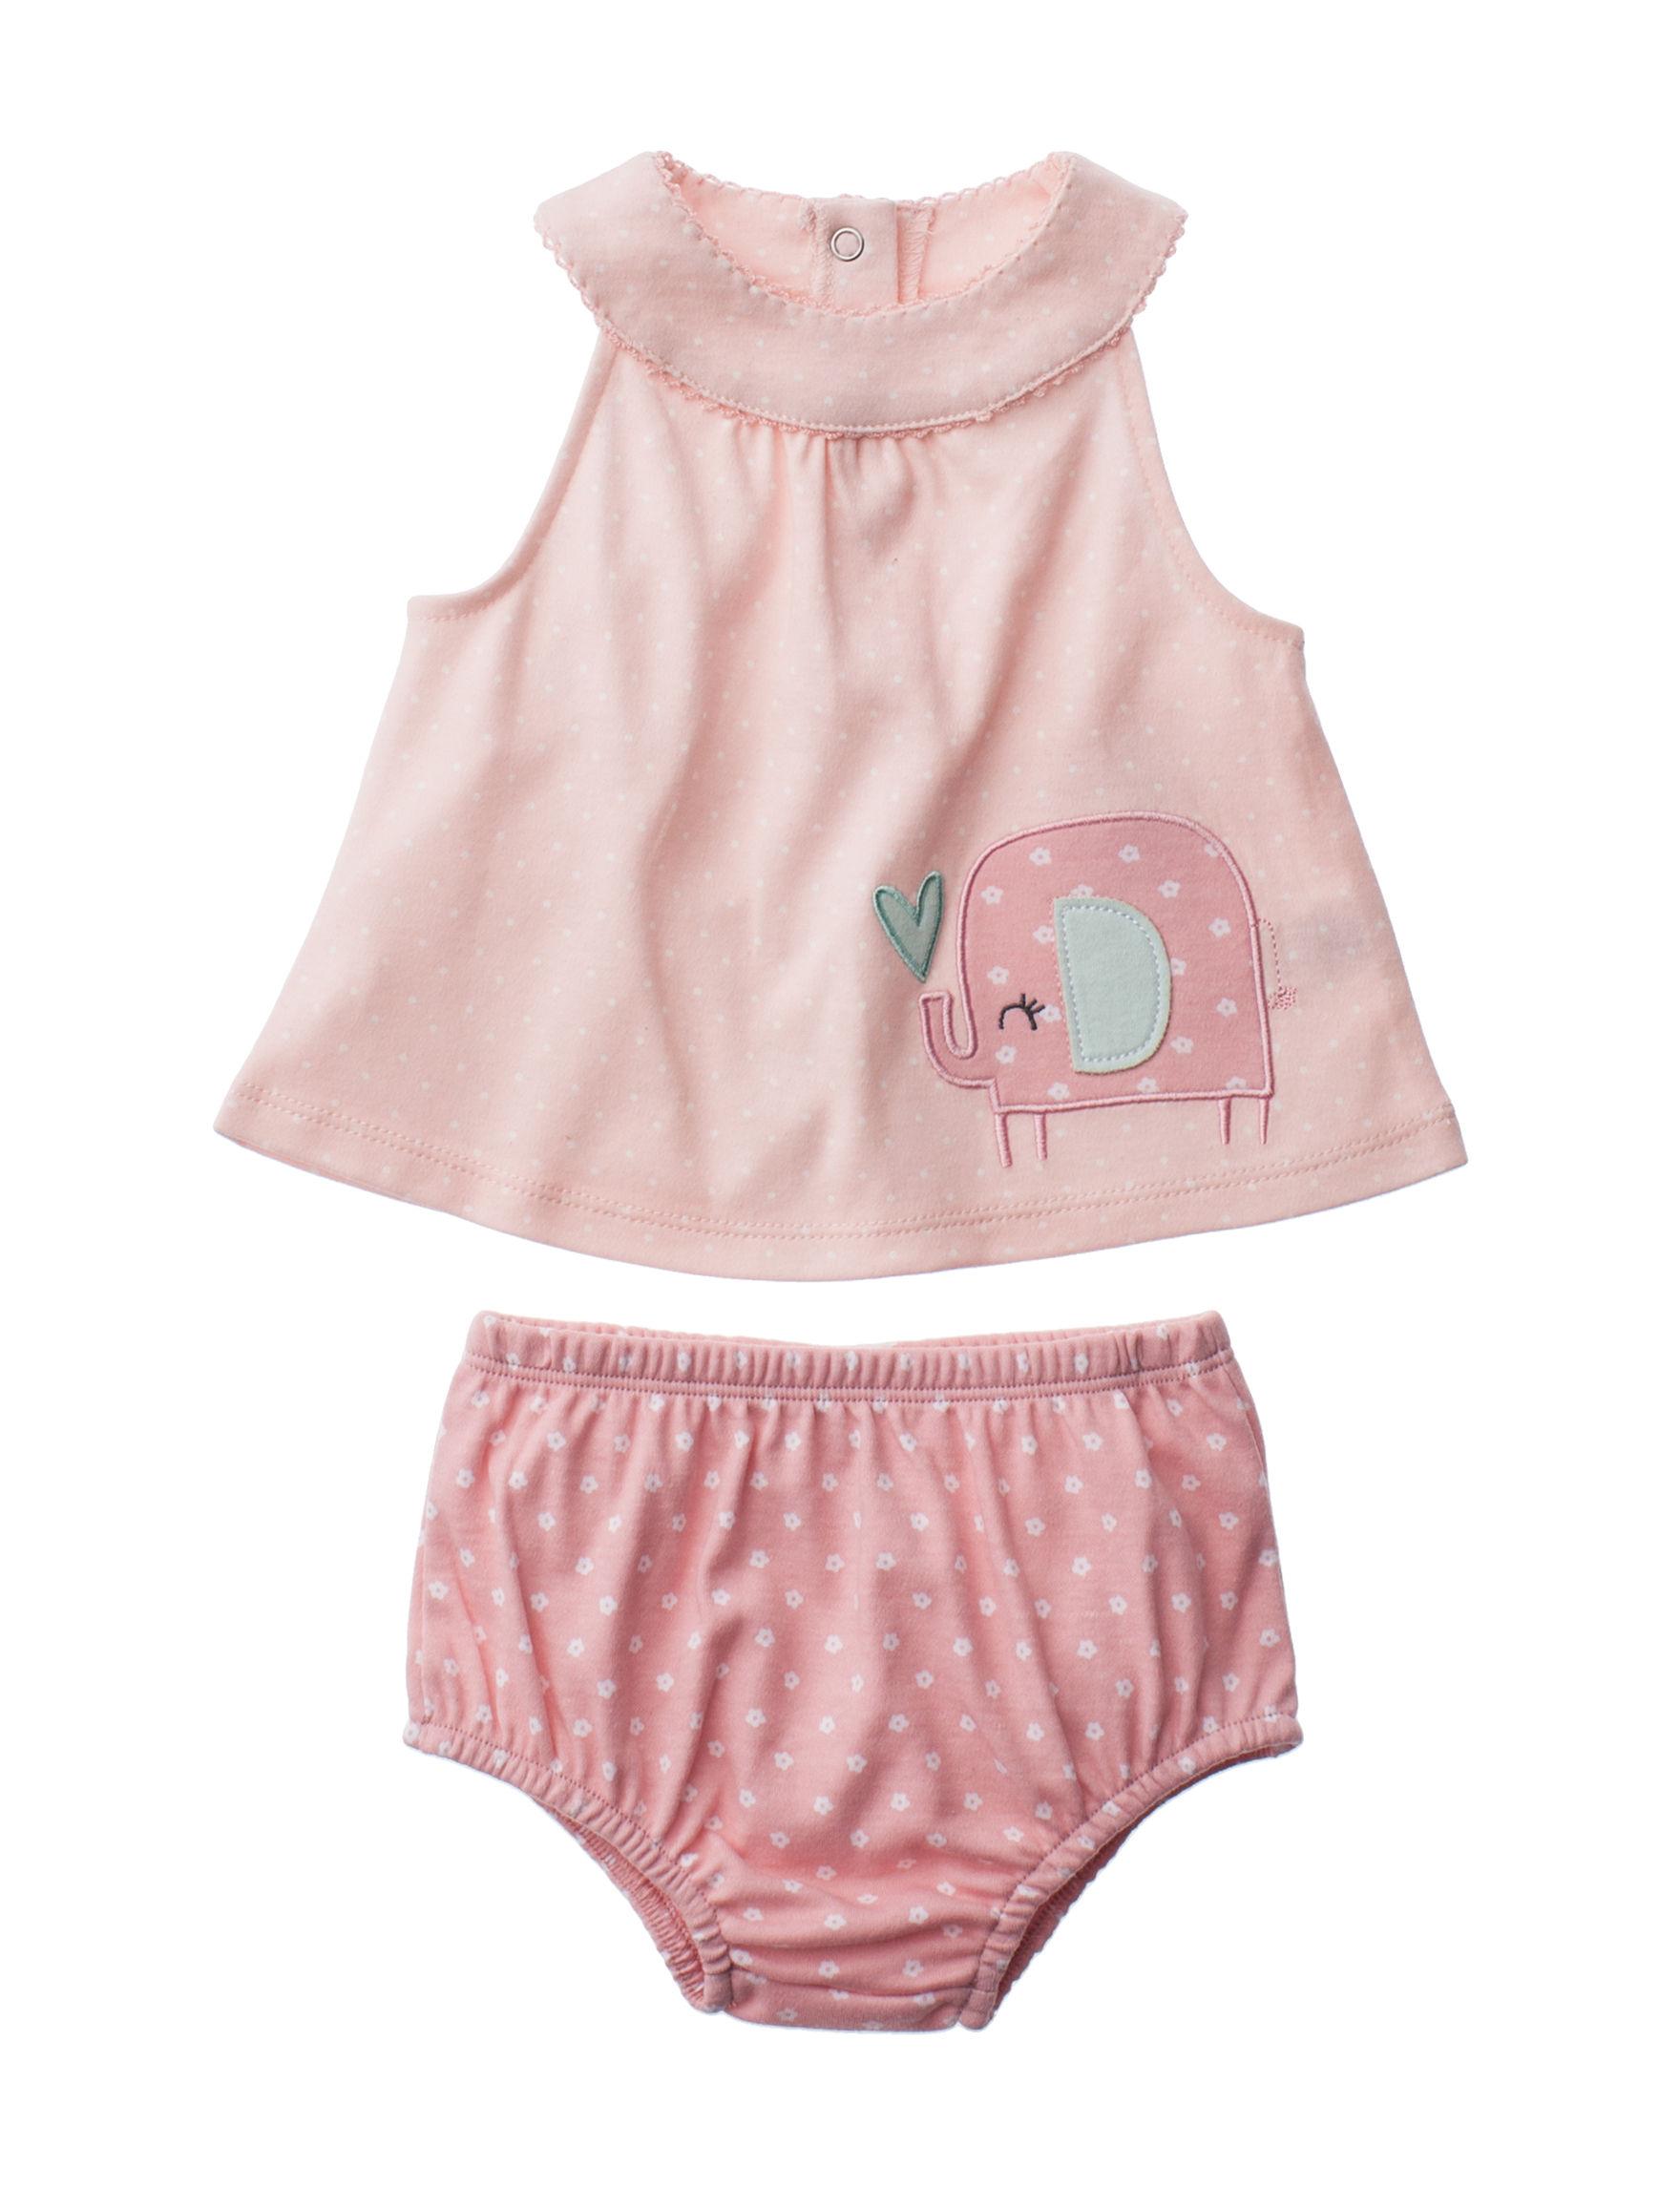 Cutie Pie Pink